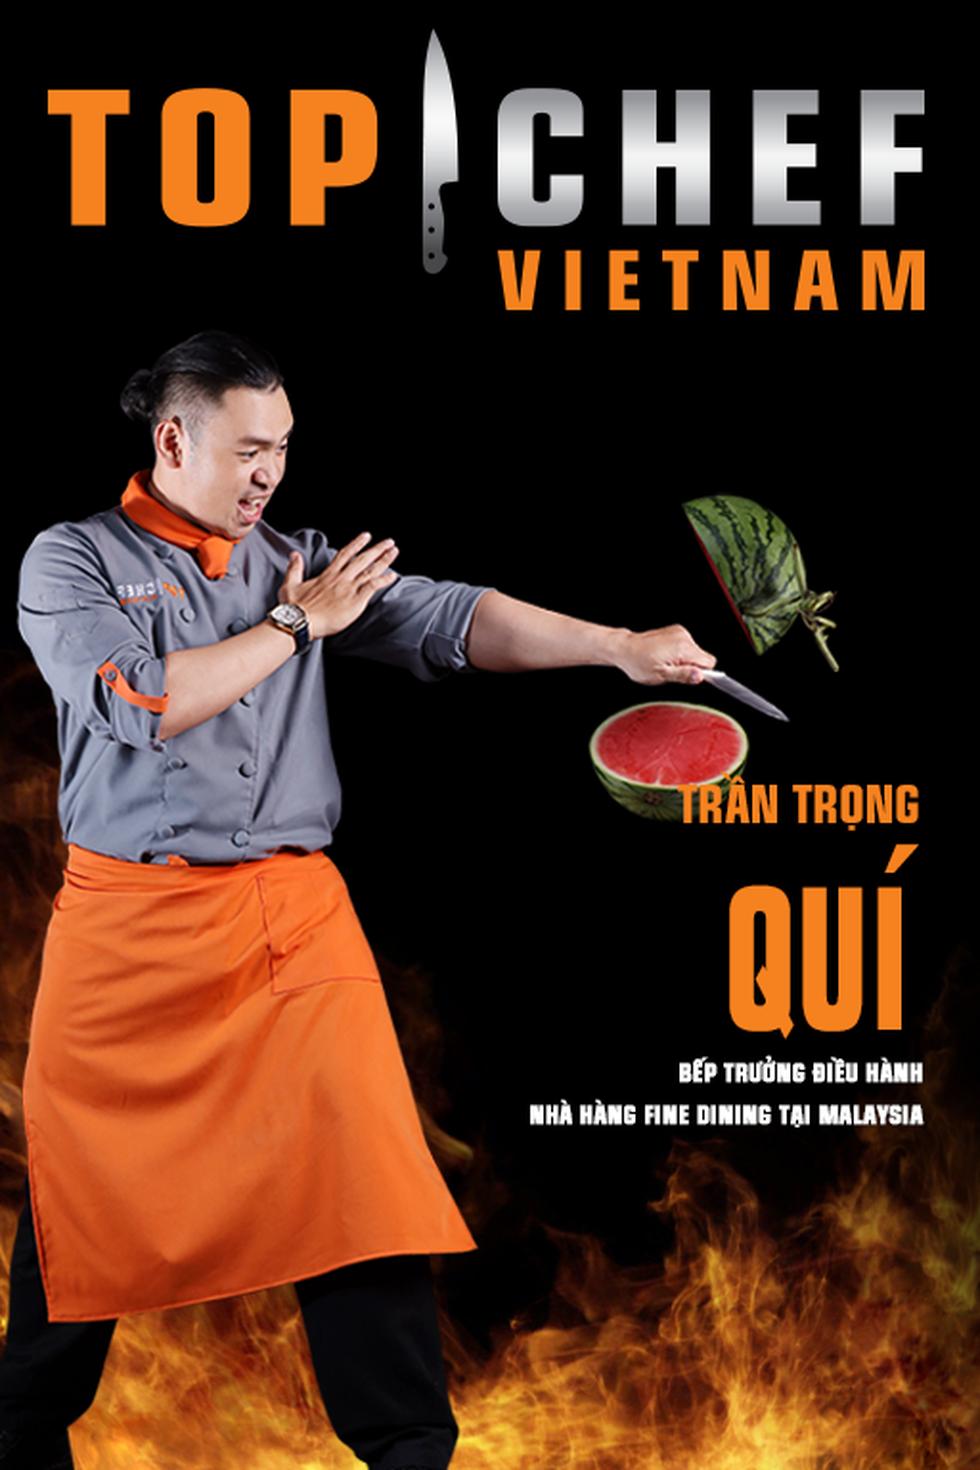 Lộ diện top 14 Đầu bếp thượng đỉnh - Top chef Vietnam 2019 - Ảnh 16.